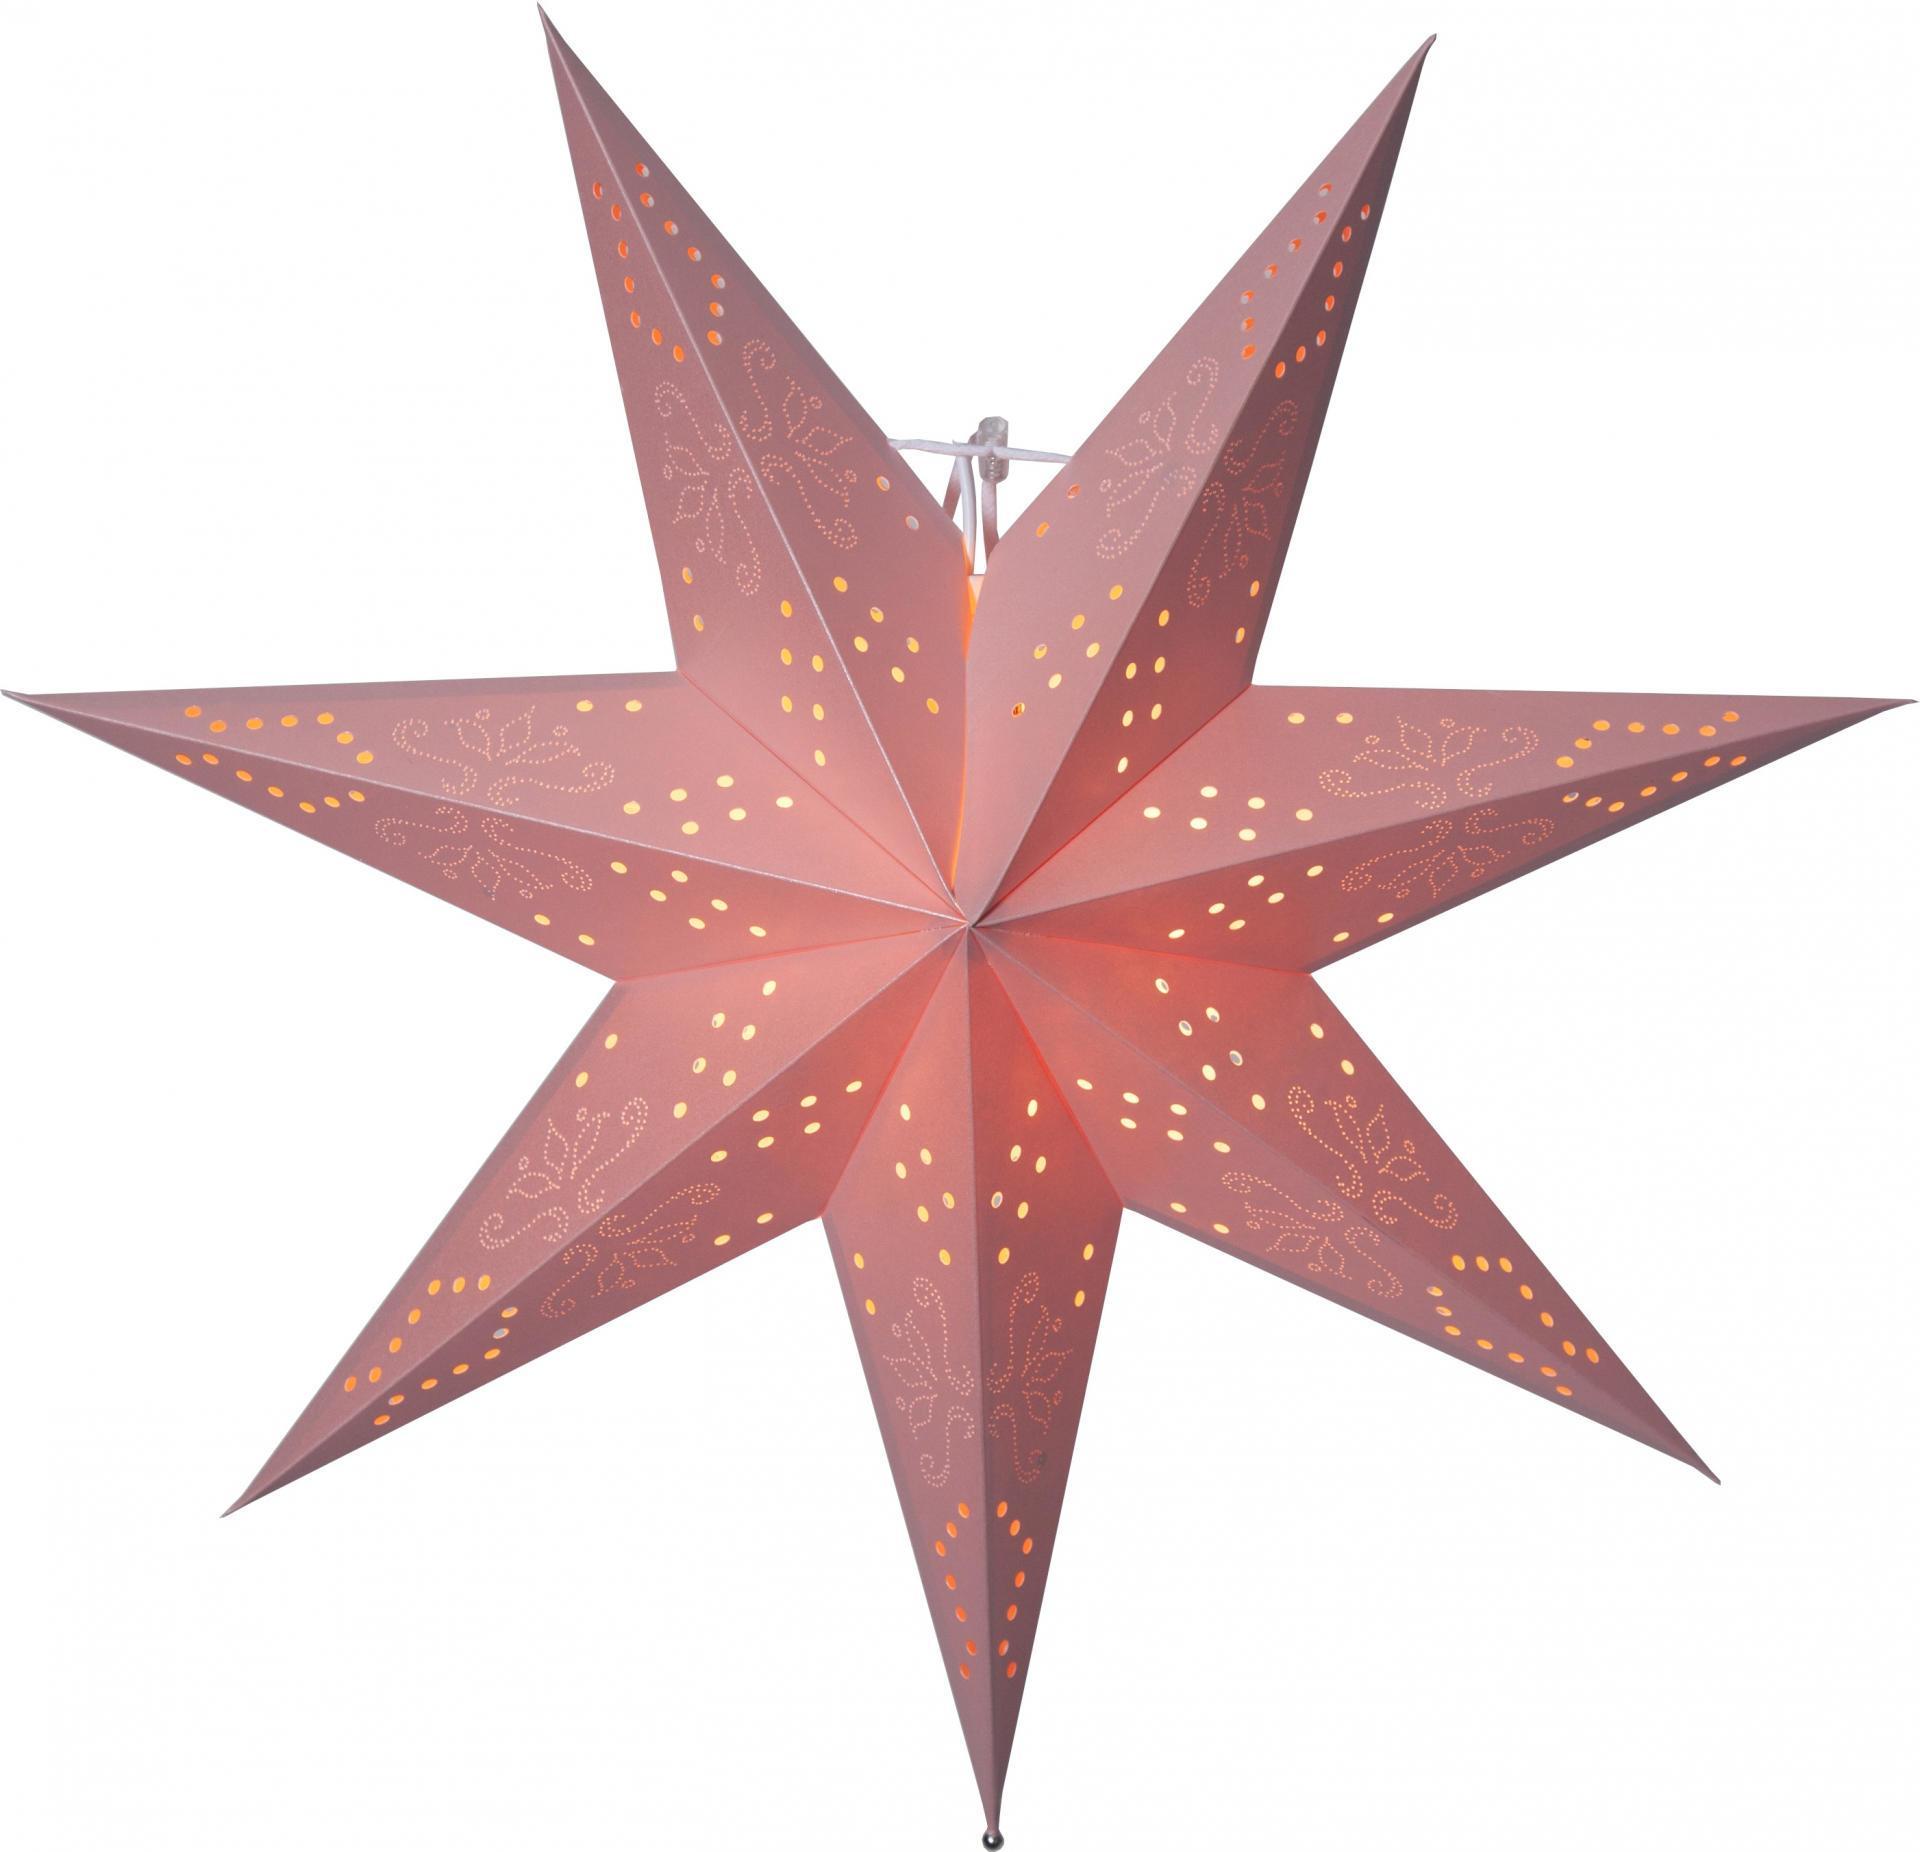 STAR TRADING Závěsná svítící hvězda Romantic Pink 54 cm, růžová barva, papír